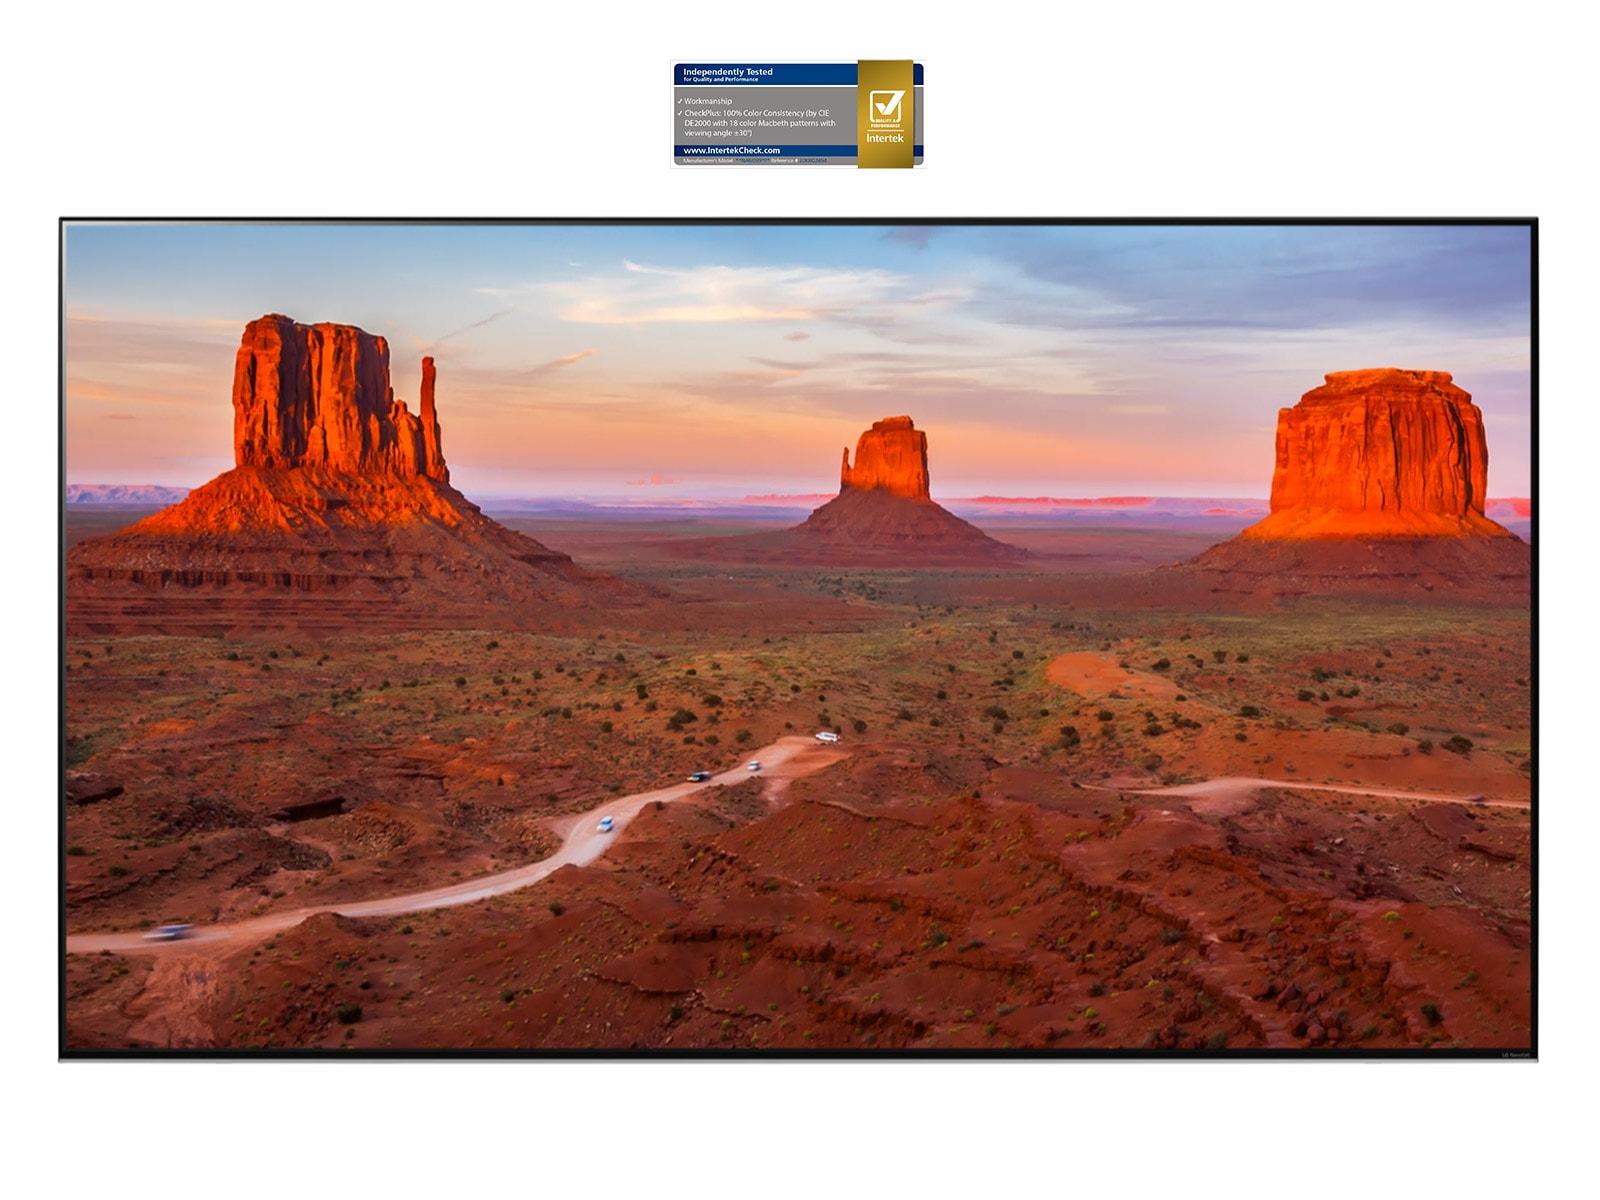 Экран телевизора с великолепным пейзажем, демонстрирующий точность изображения под любым углом (просмотр видео).